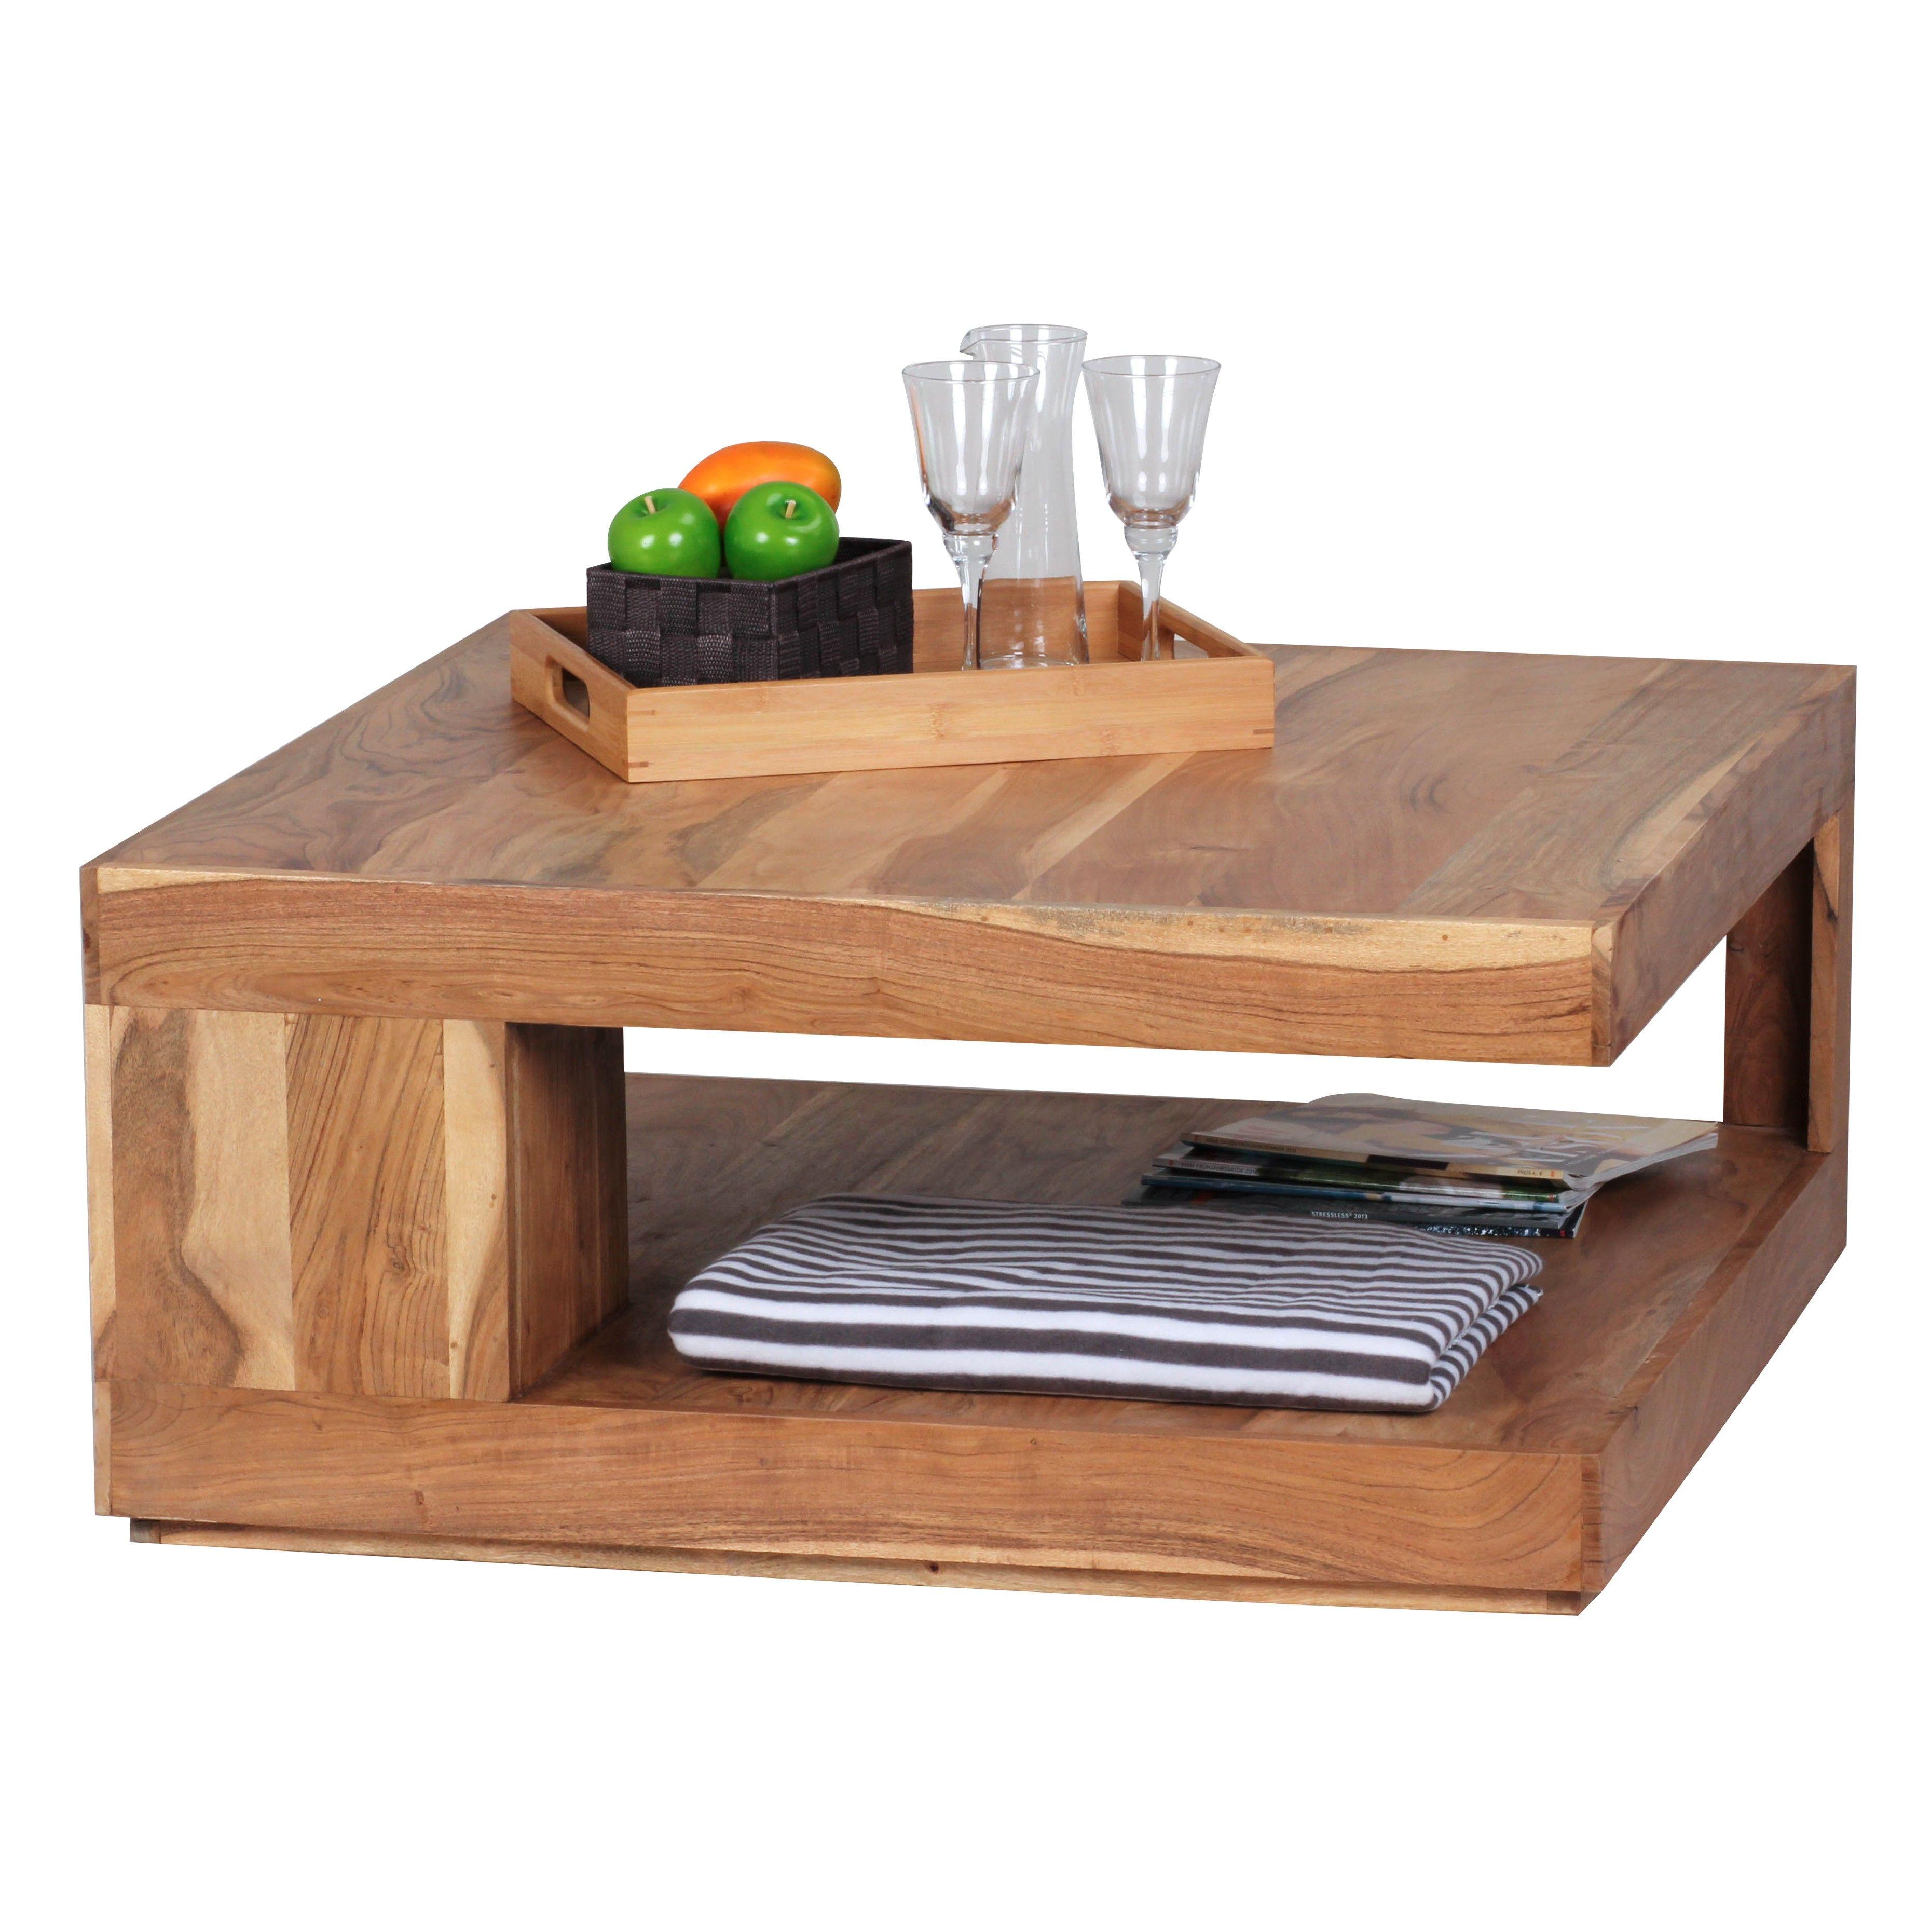 Couchtisch Holz Rund | Das Beste Von Couchtisch Holz Rund ...